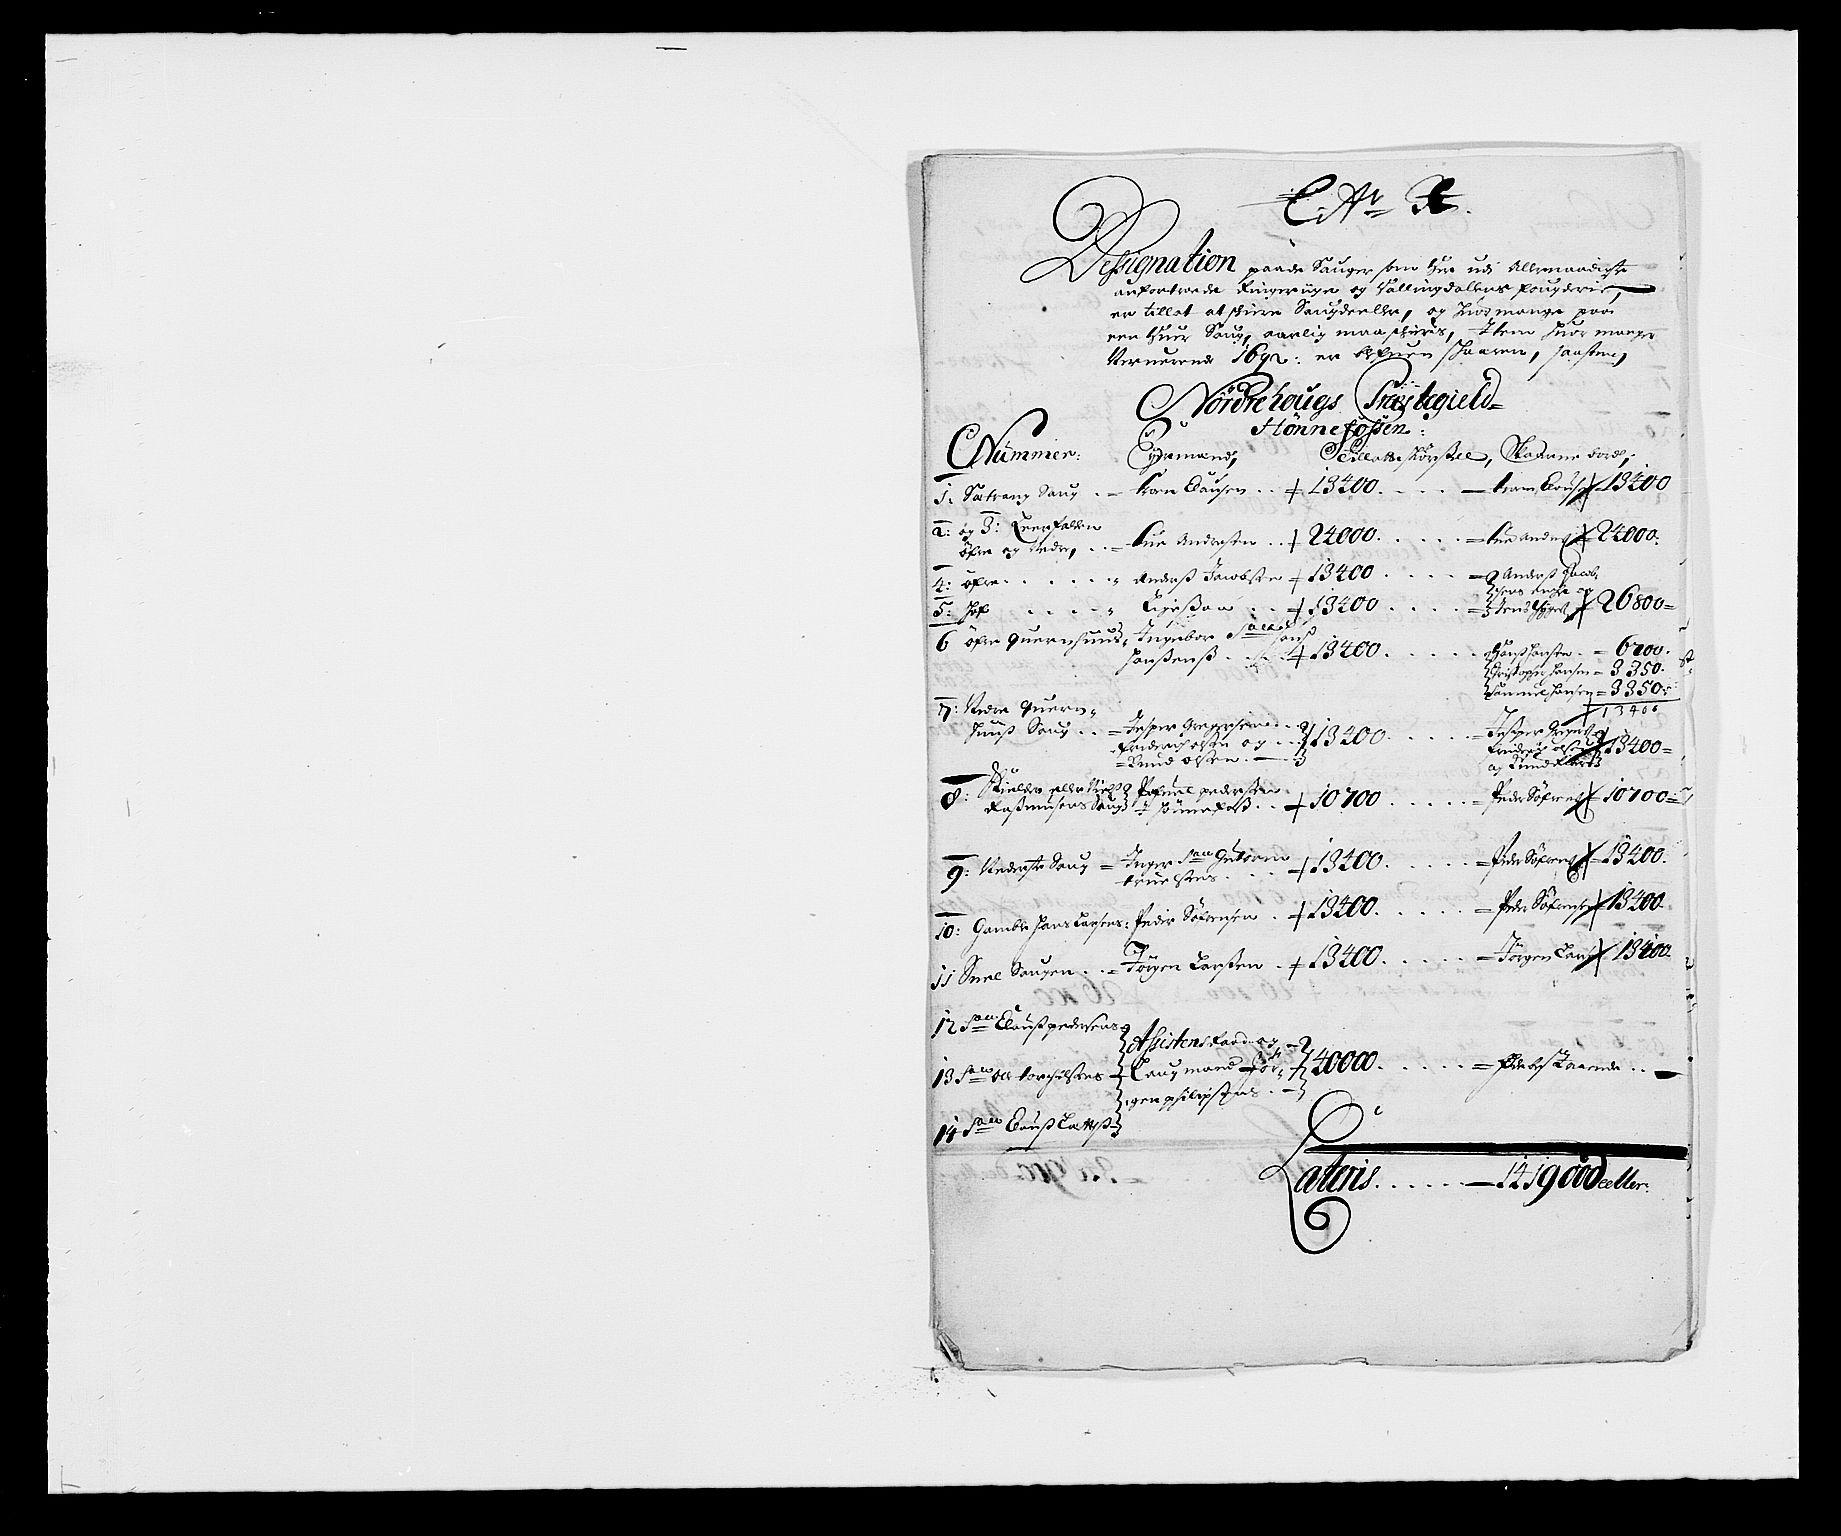 RA, Rentekammeret inntil 1814, Reviderte regnskaper, Fogderegnskap, R21/L1449: Fogderegnskap Ringerike og Hallingdal, 1690-1692, s. 116